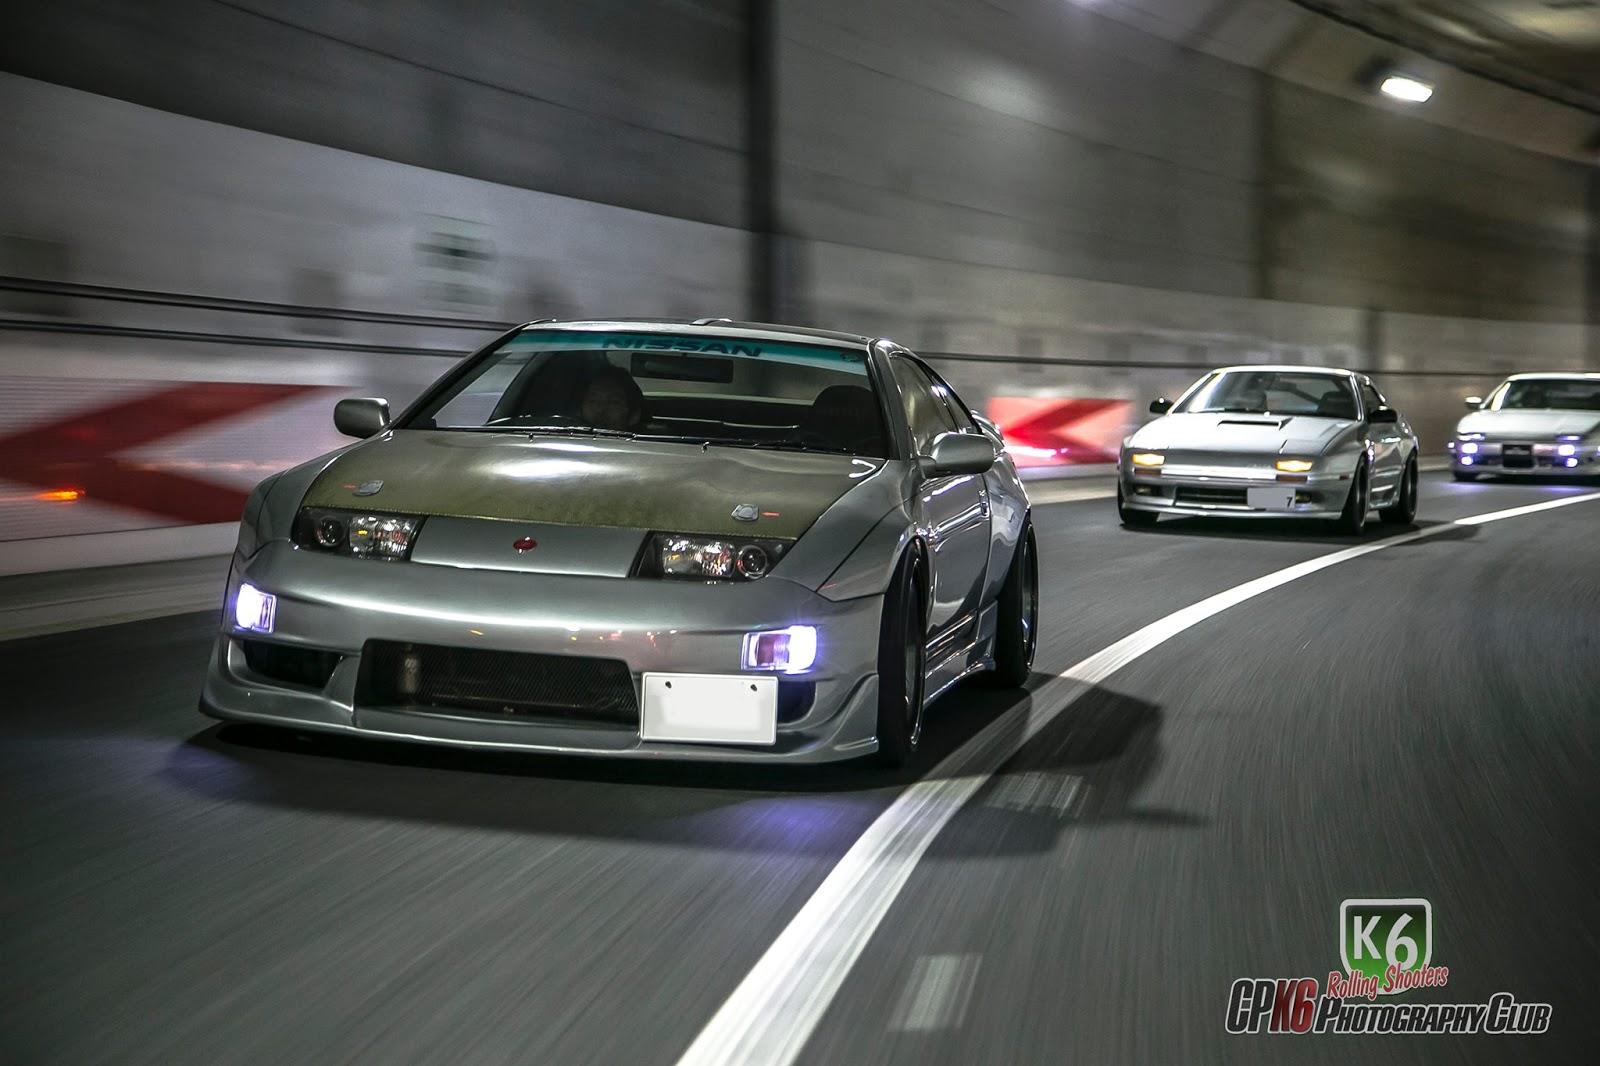 Nissan Fairlady Z Z32 (300ZX), Mazda RX-7 FC, rasowe sportowe samochody, japońskie fury, auta po tuningu, Japonia, JDM, tunel, fotki, galeria zdjęć, wankel, rotary